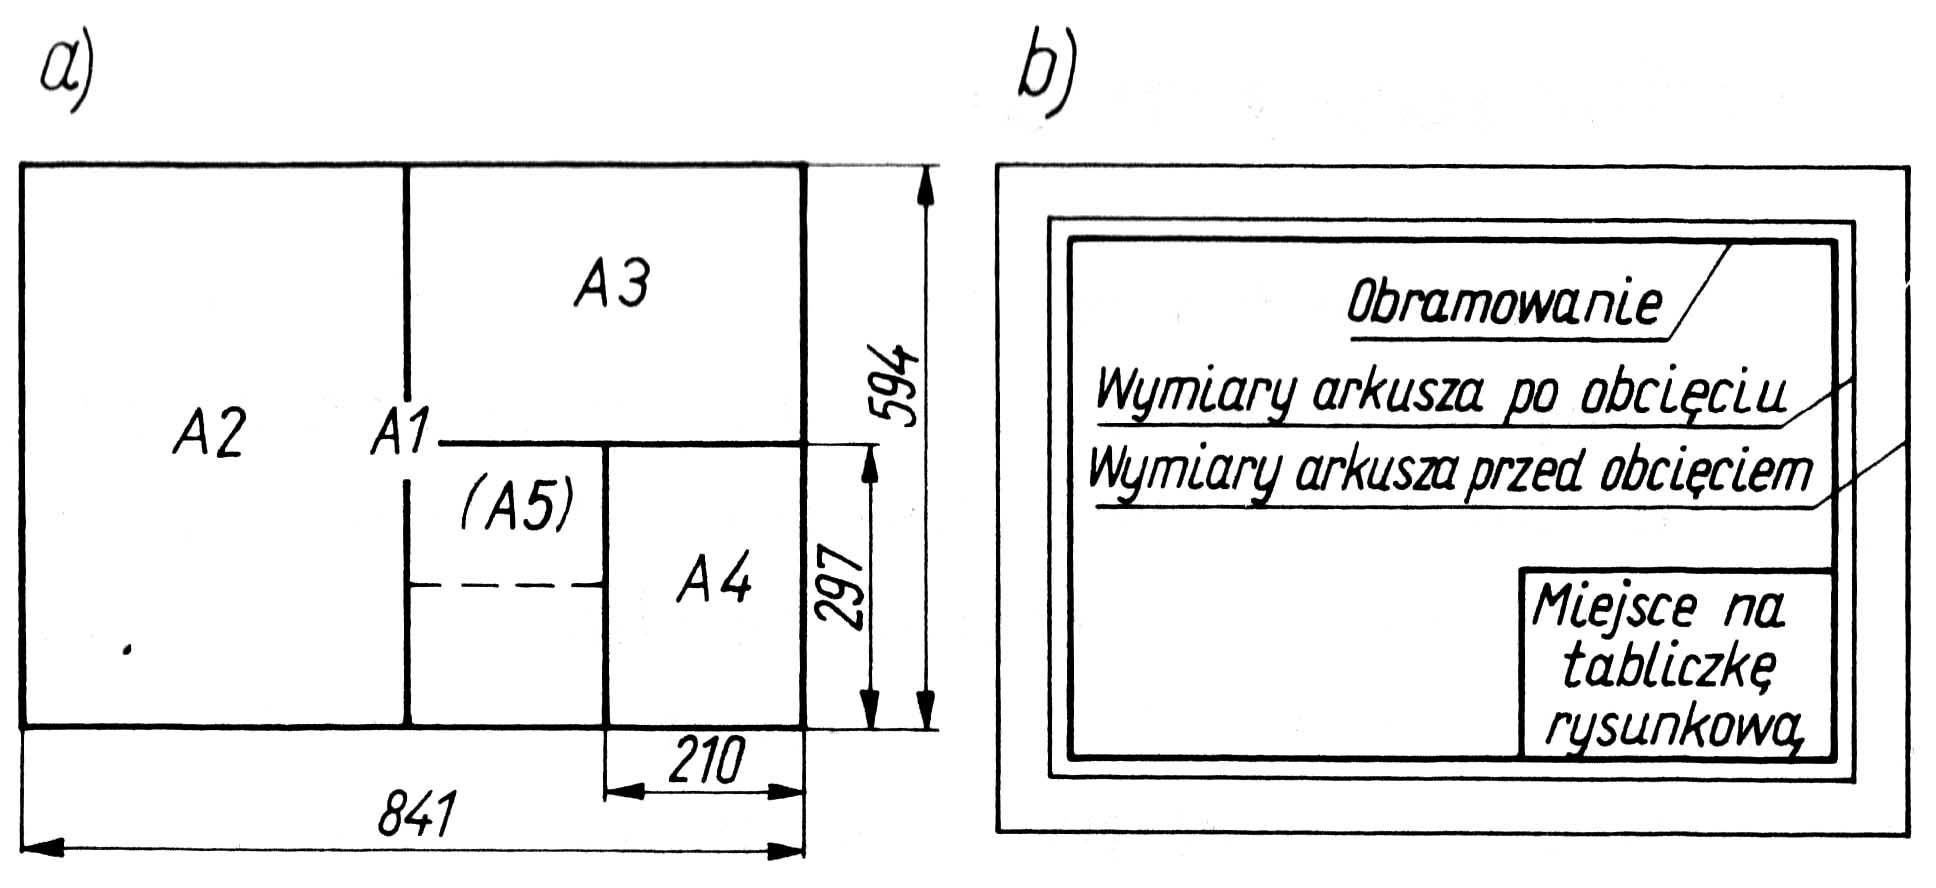 Znormalizowane formaty arkuszy papieru